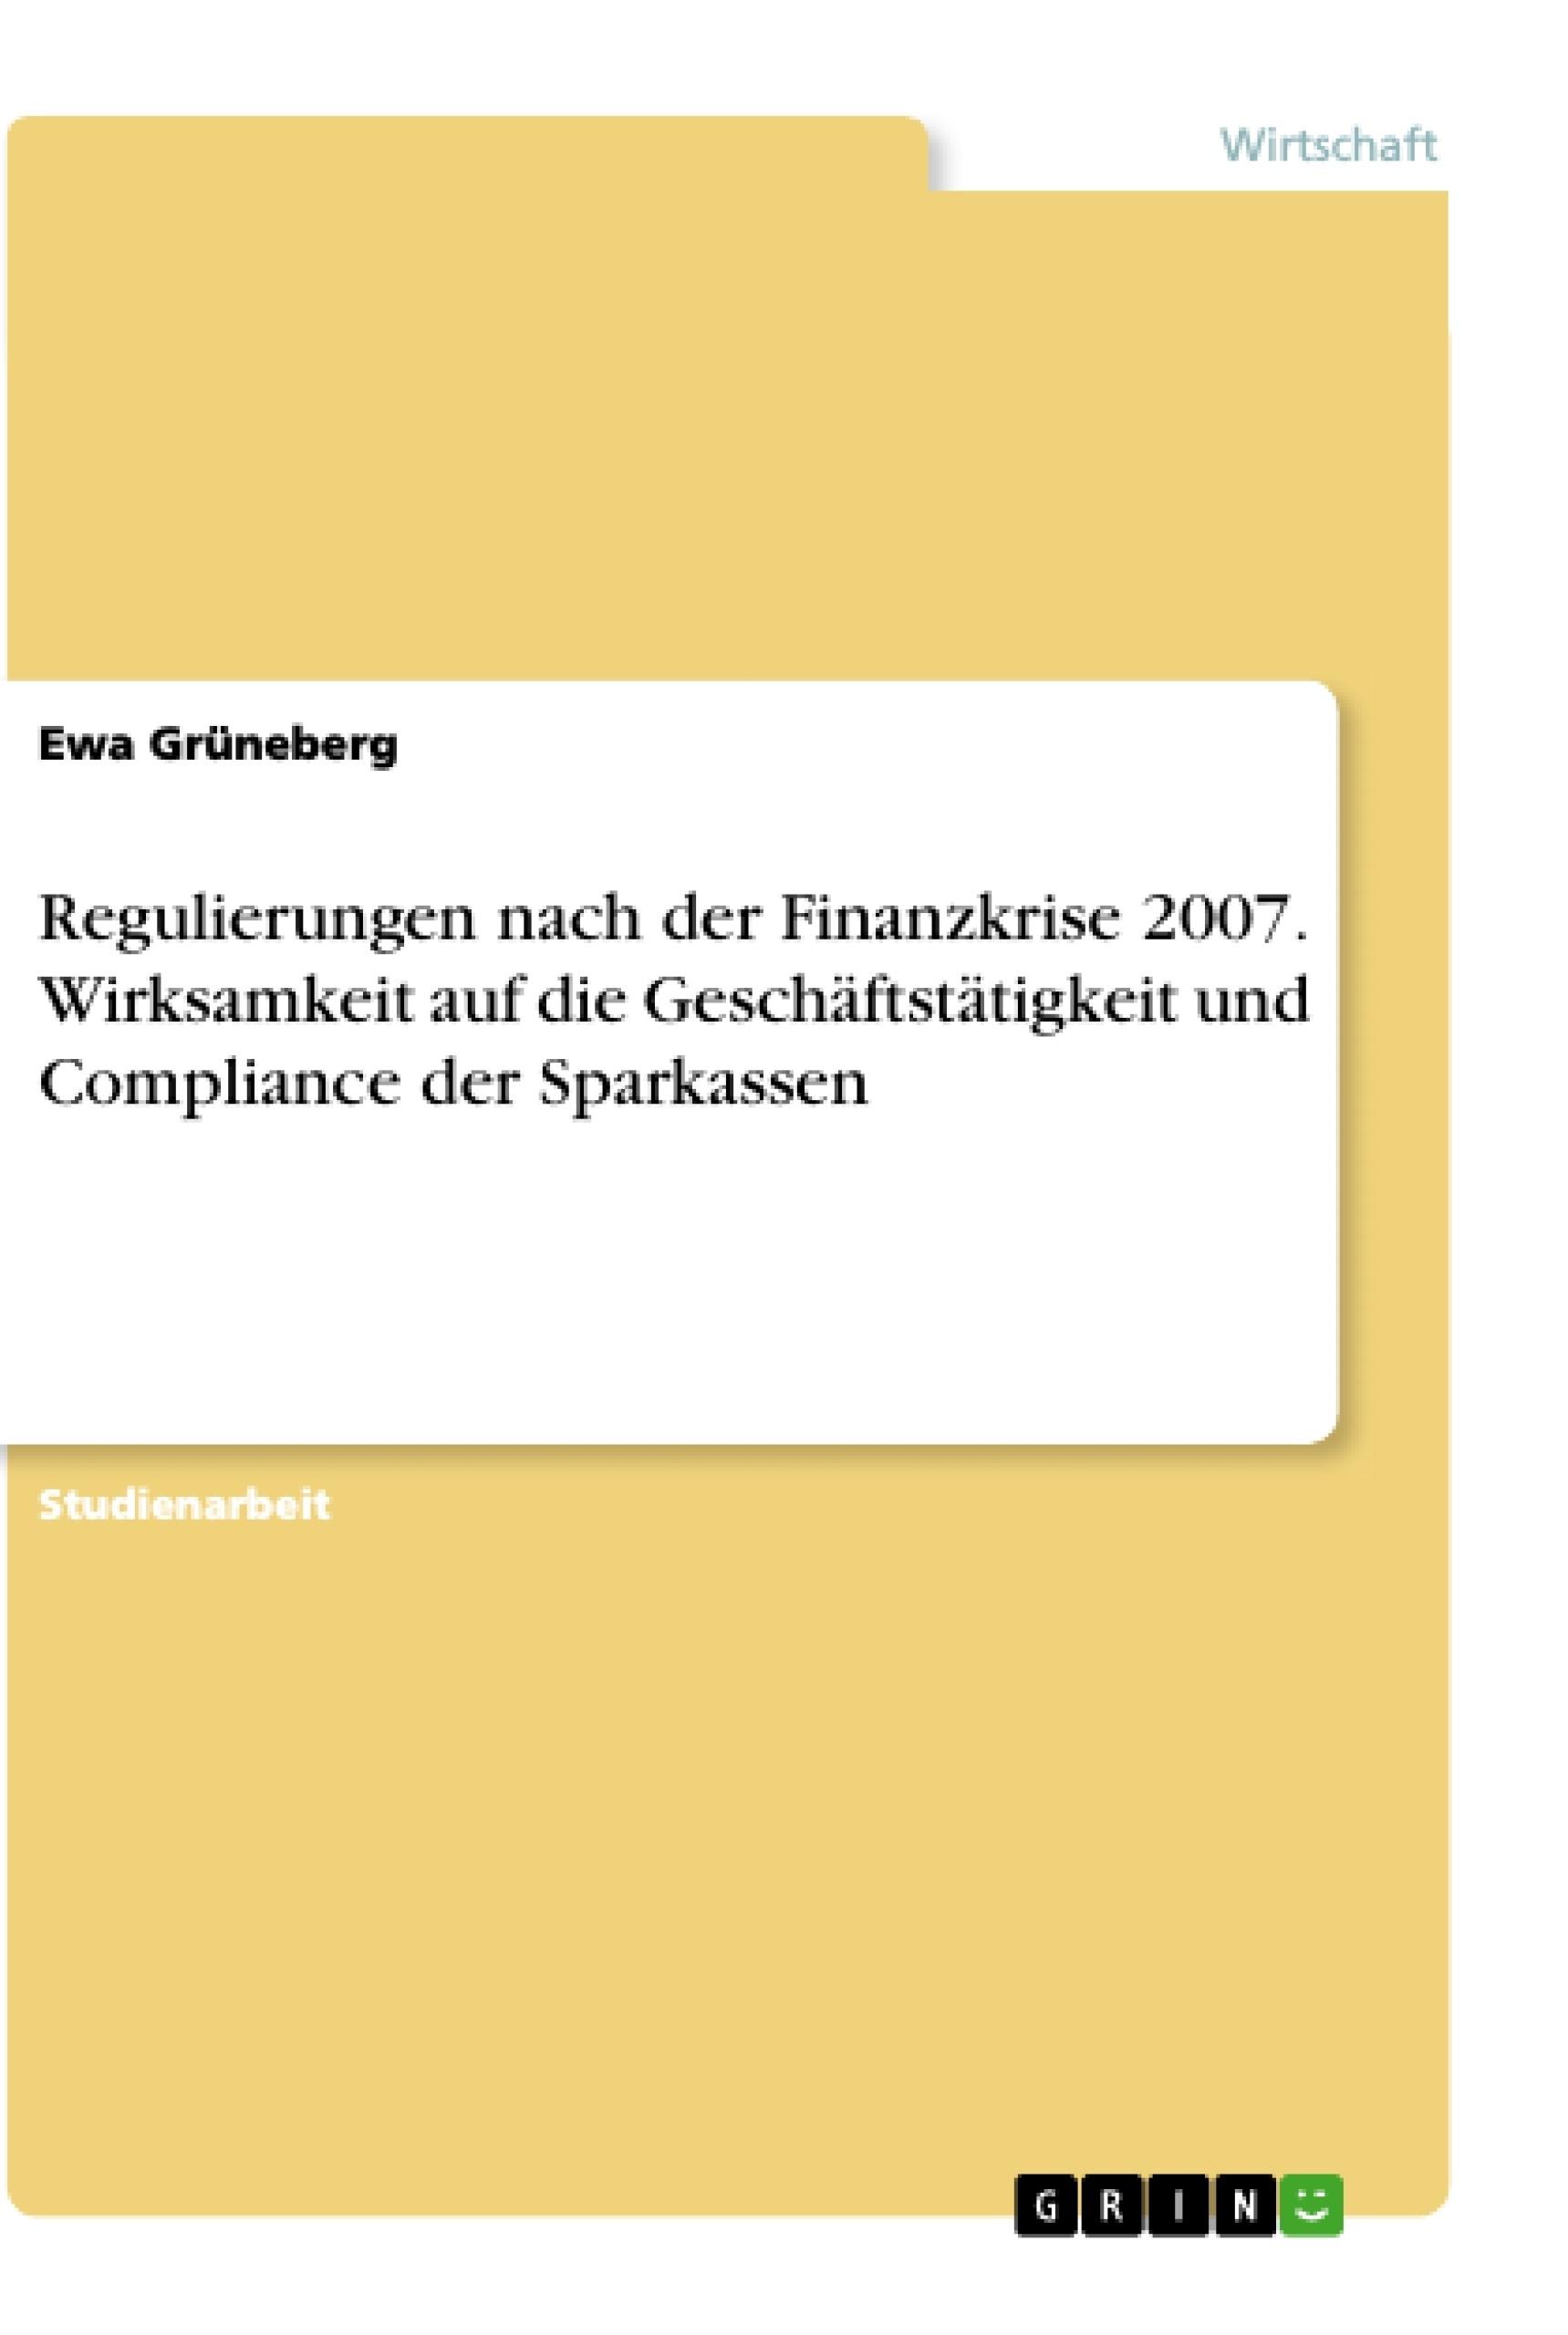 Titel: Regulierungen nach der Finanzkrise 2007. Wirksamkeit auf die Geschäftstätigkeit und Compliance der Sparkassen